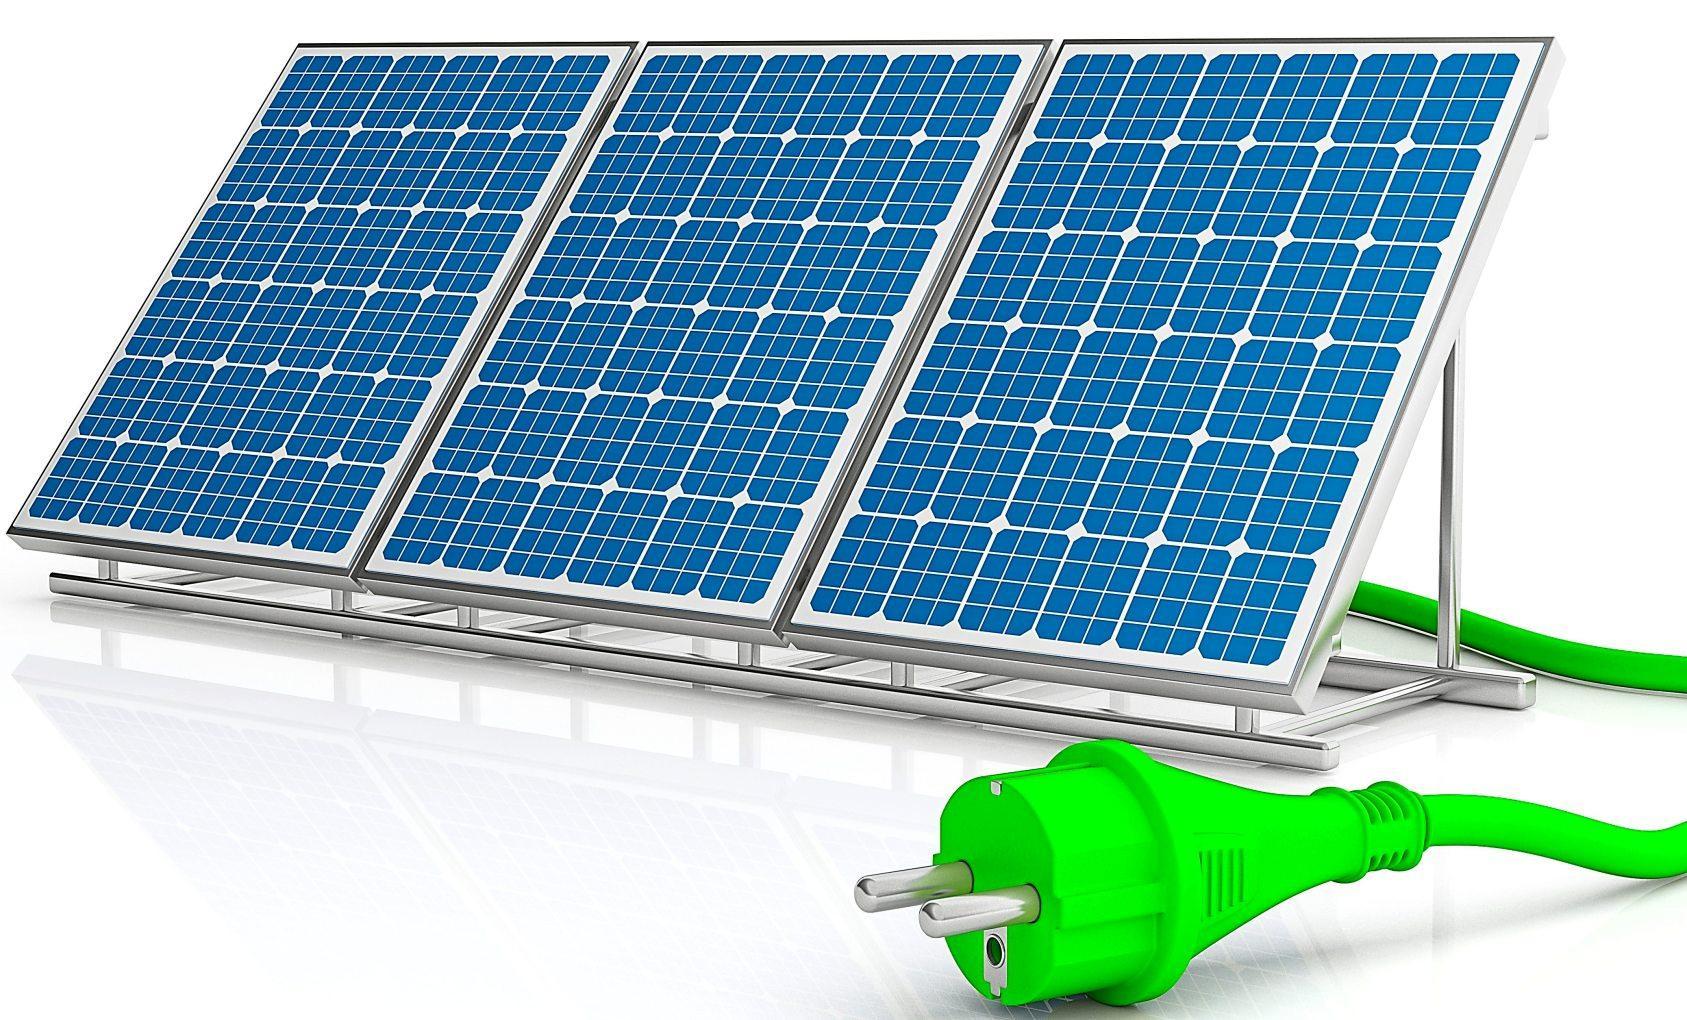 Mini-Photovoltaikanlagen sind als Einstieg für klimabewusste Eigentümer oder Mieter geeignet. Foto: ENA